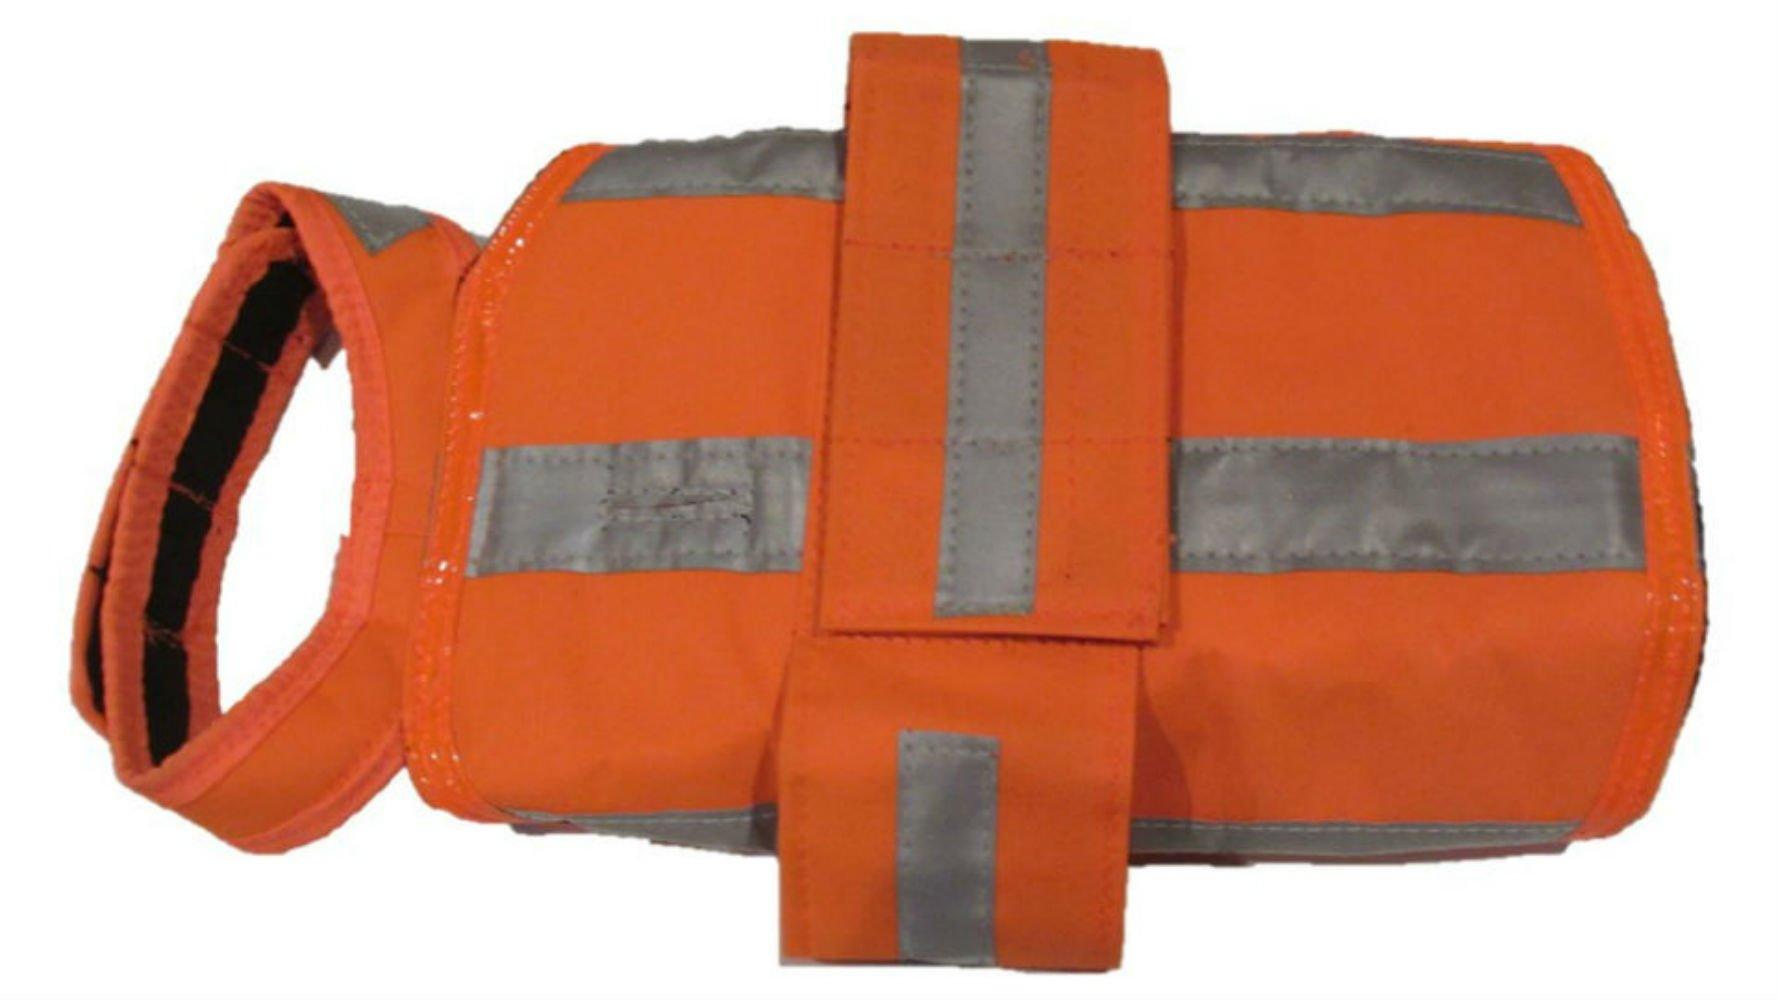 DOGonGEAR 55 lb to 90 lb Dog Hunting Jacket with Reflection, Large, Safety Orange